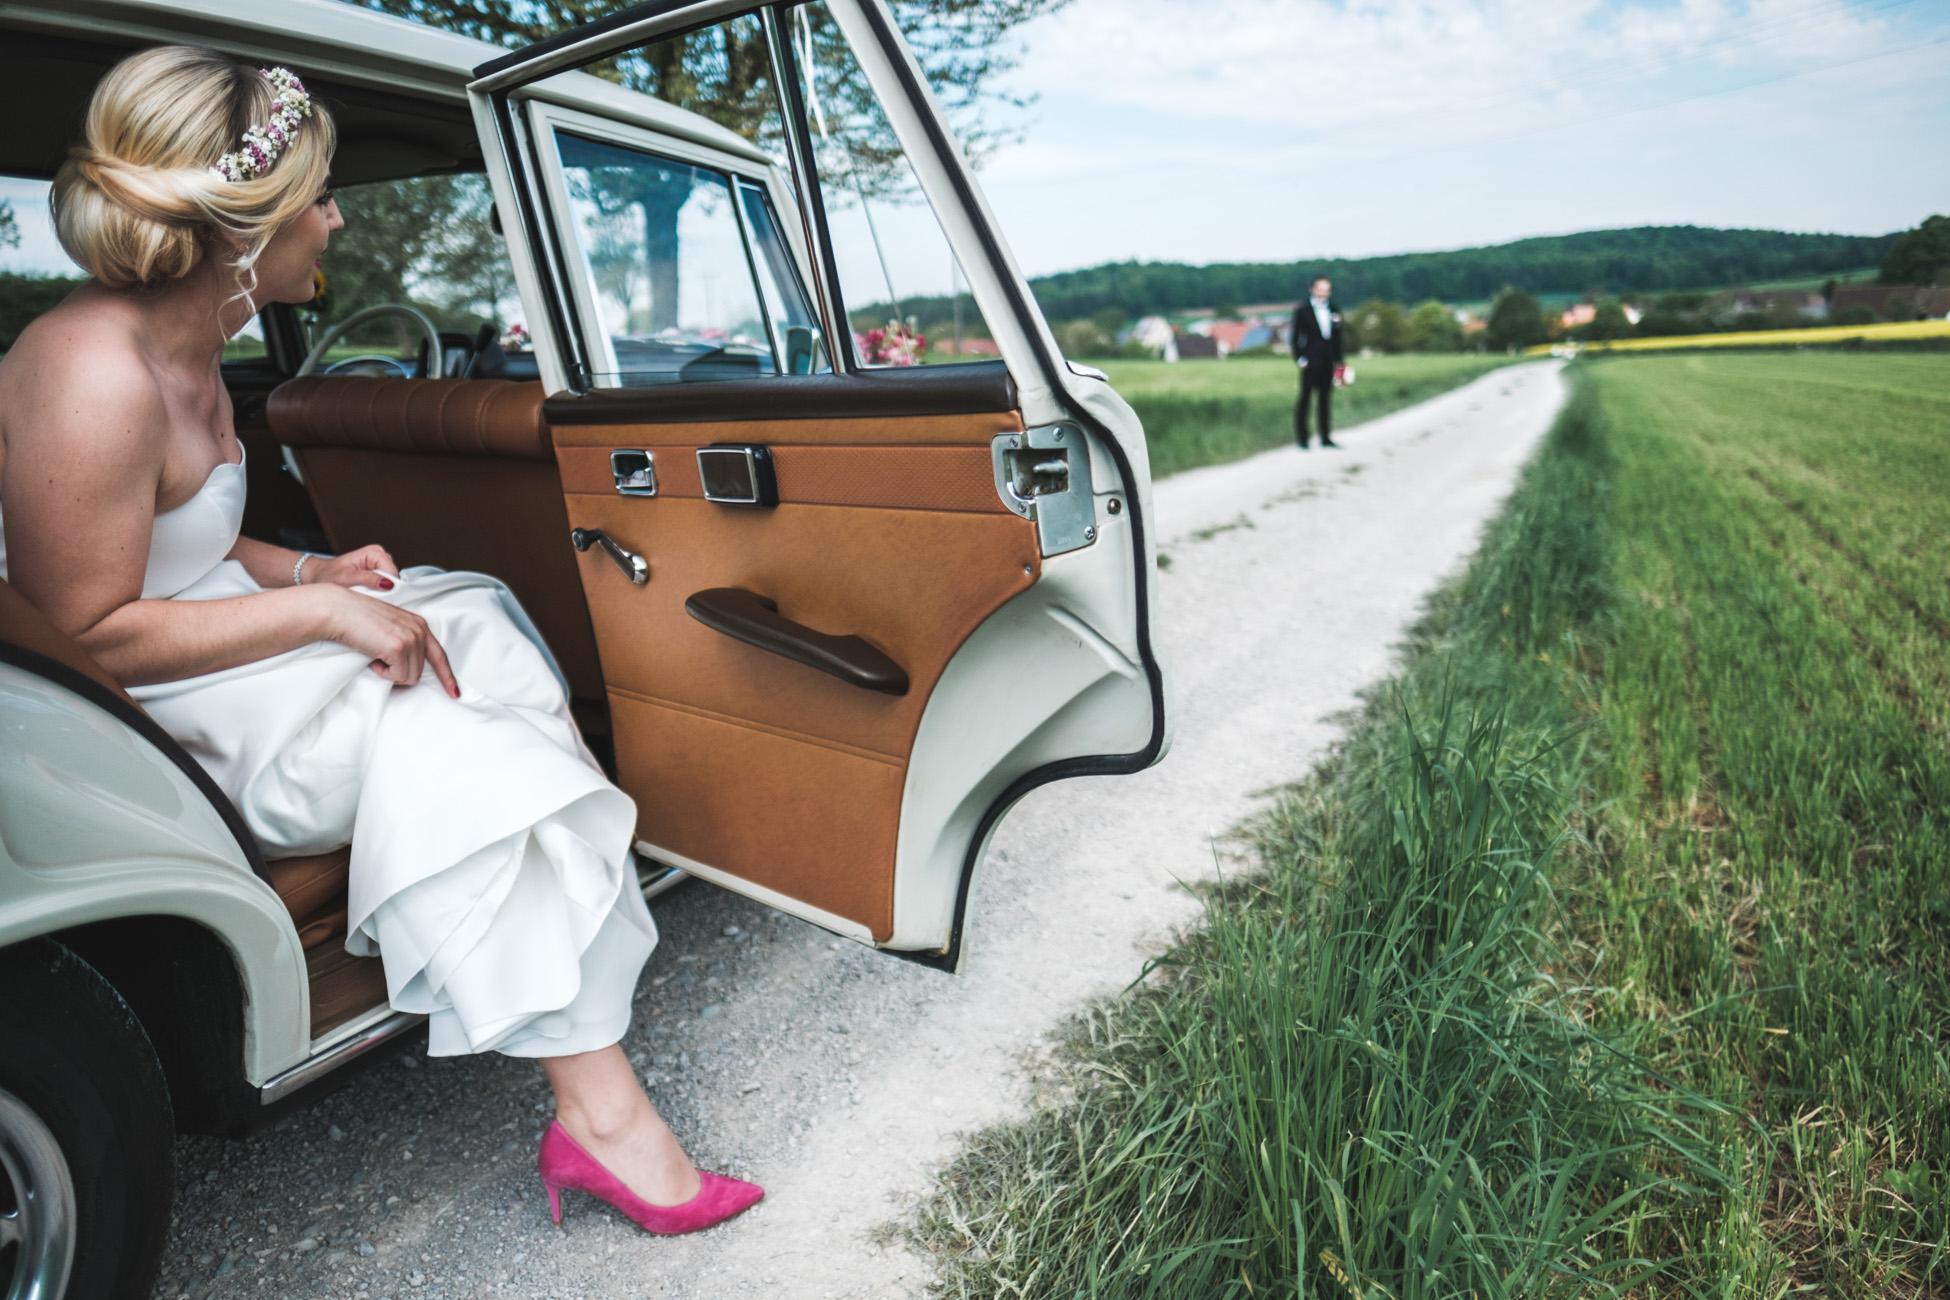 Hochzeitsfotograf am Landgasthof Meier in Hilzhofen